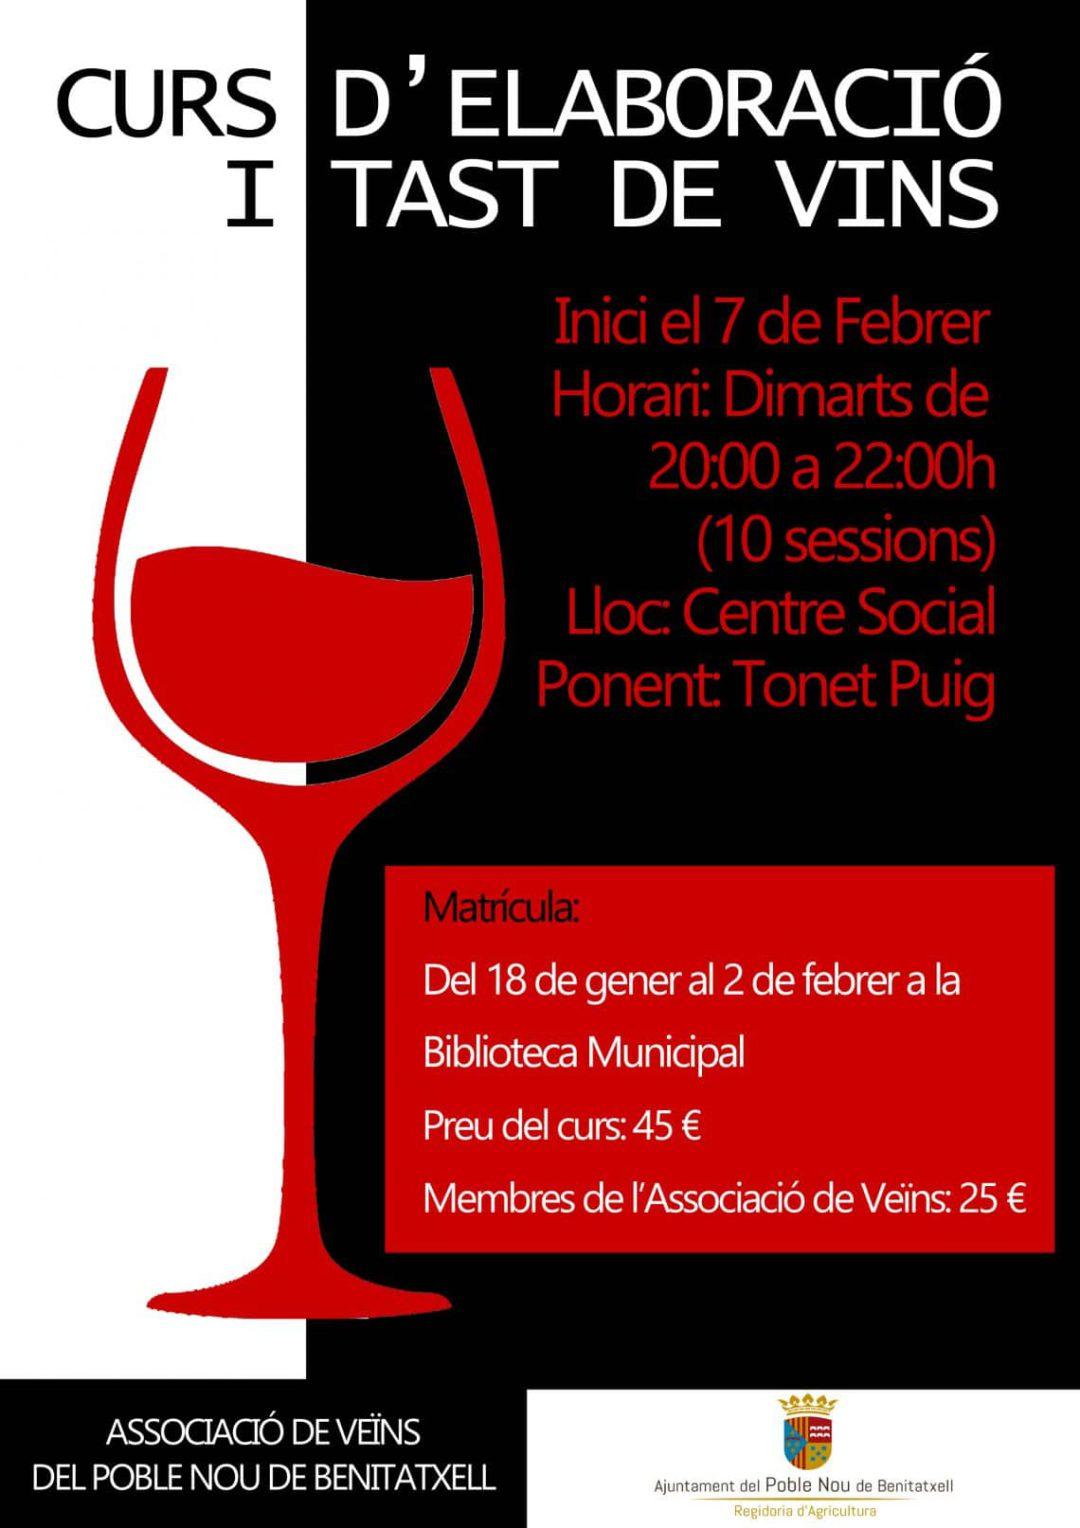 Curso de elaboración y cata de vinos en Benitatxell